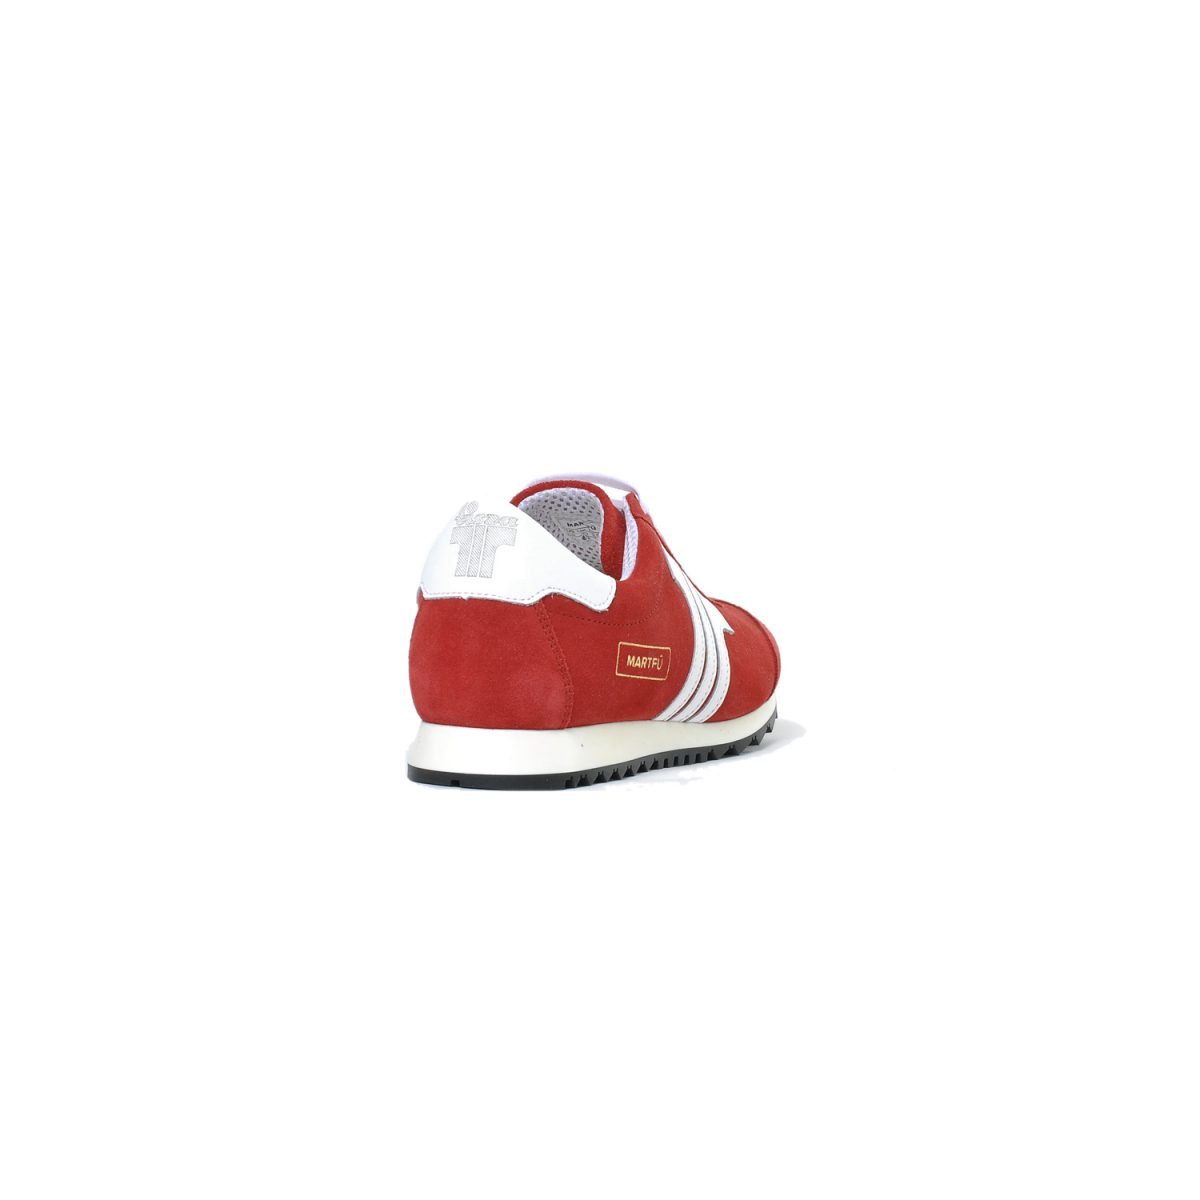 Tisza cipő - Martfű - Meggy-fehér